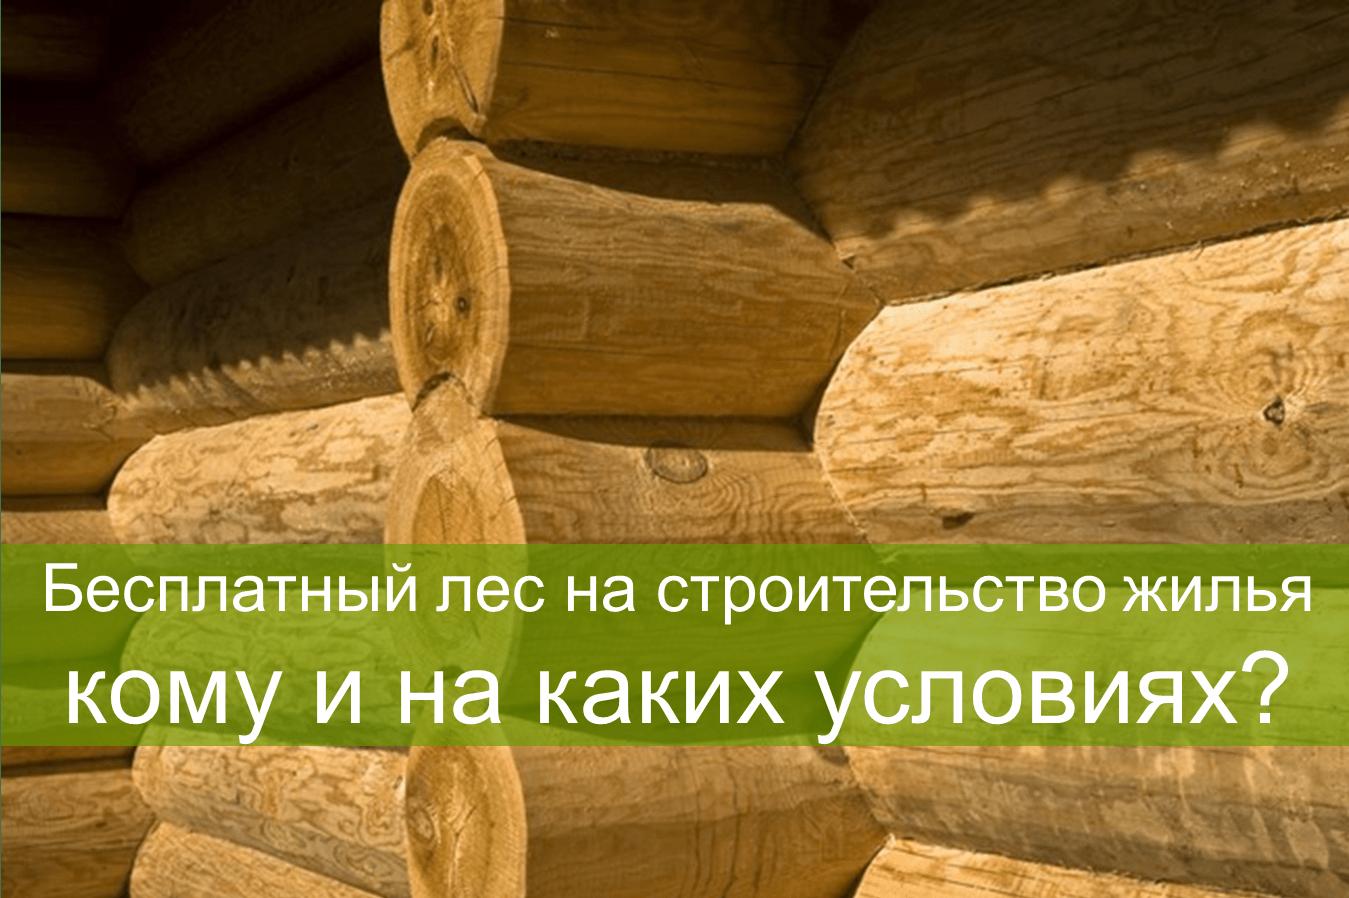 Бесплатный лес от государства на строительство дома